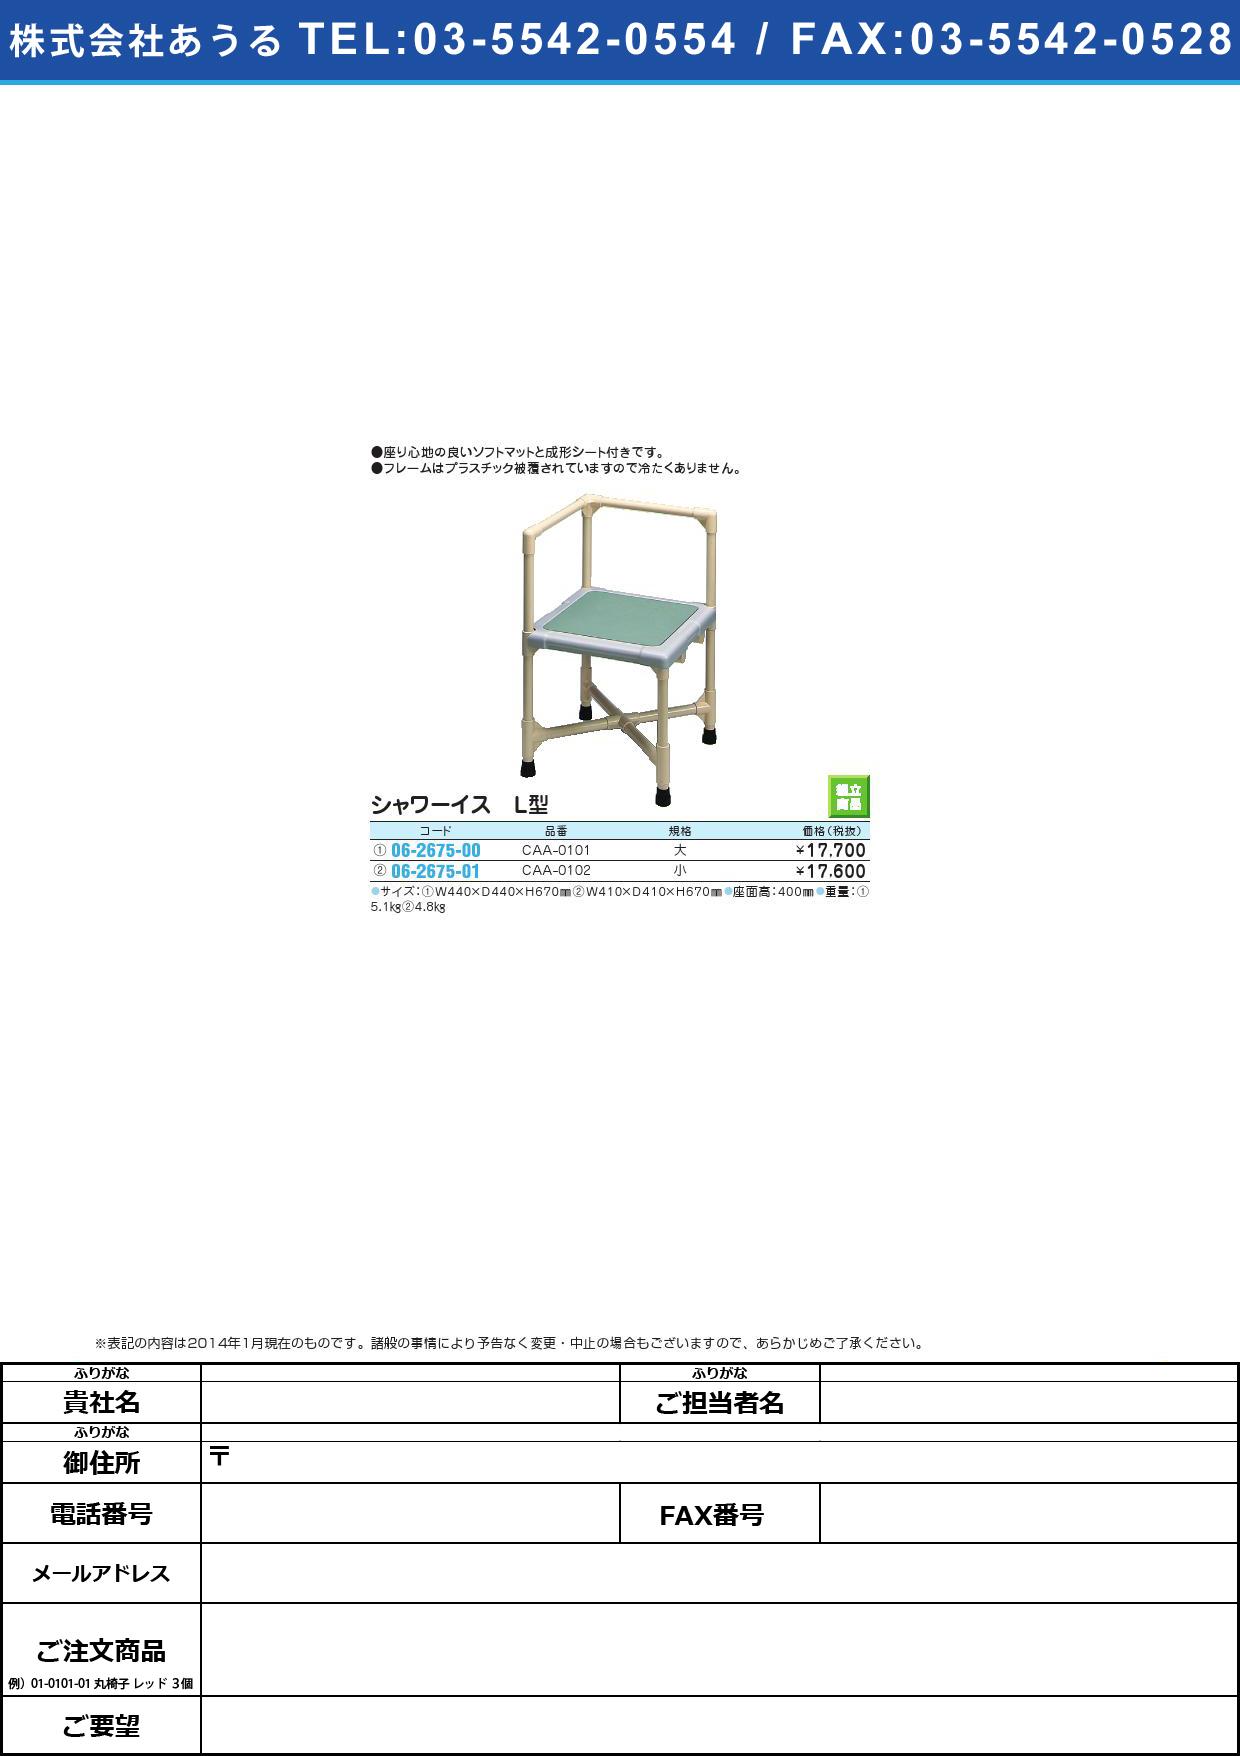 シャワーいす L型(大) シャワーイス(06-2675-00)CAA-0101【1台単位】